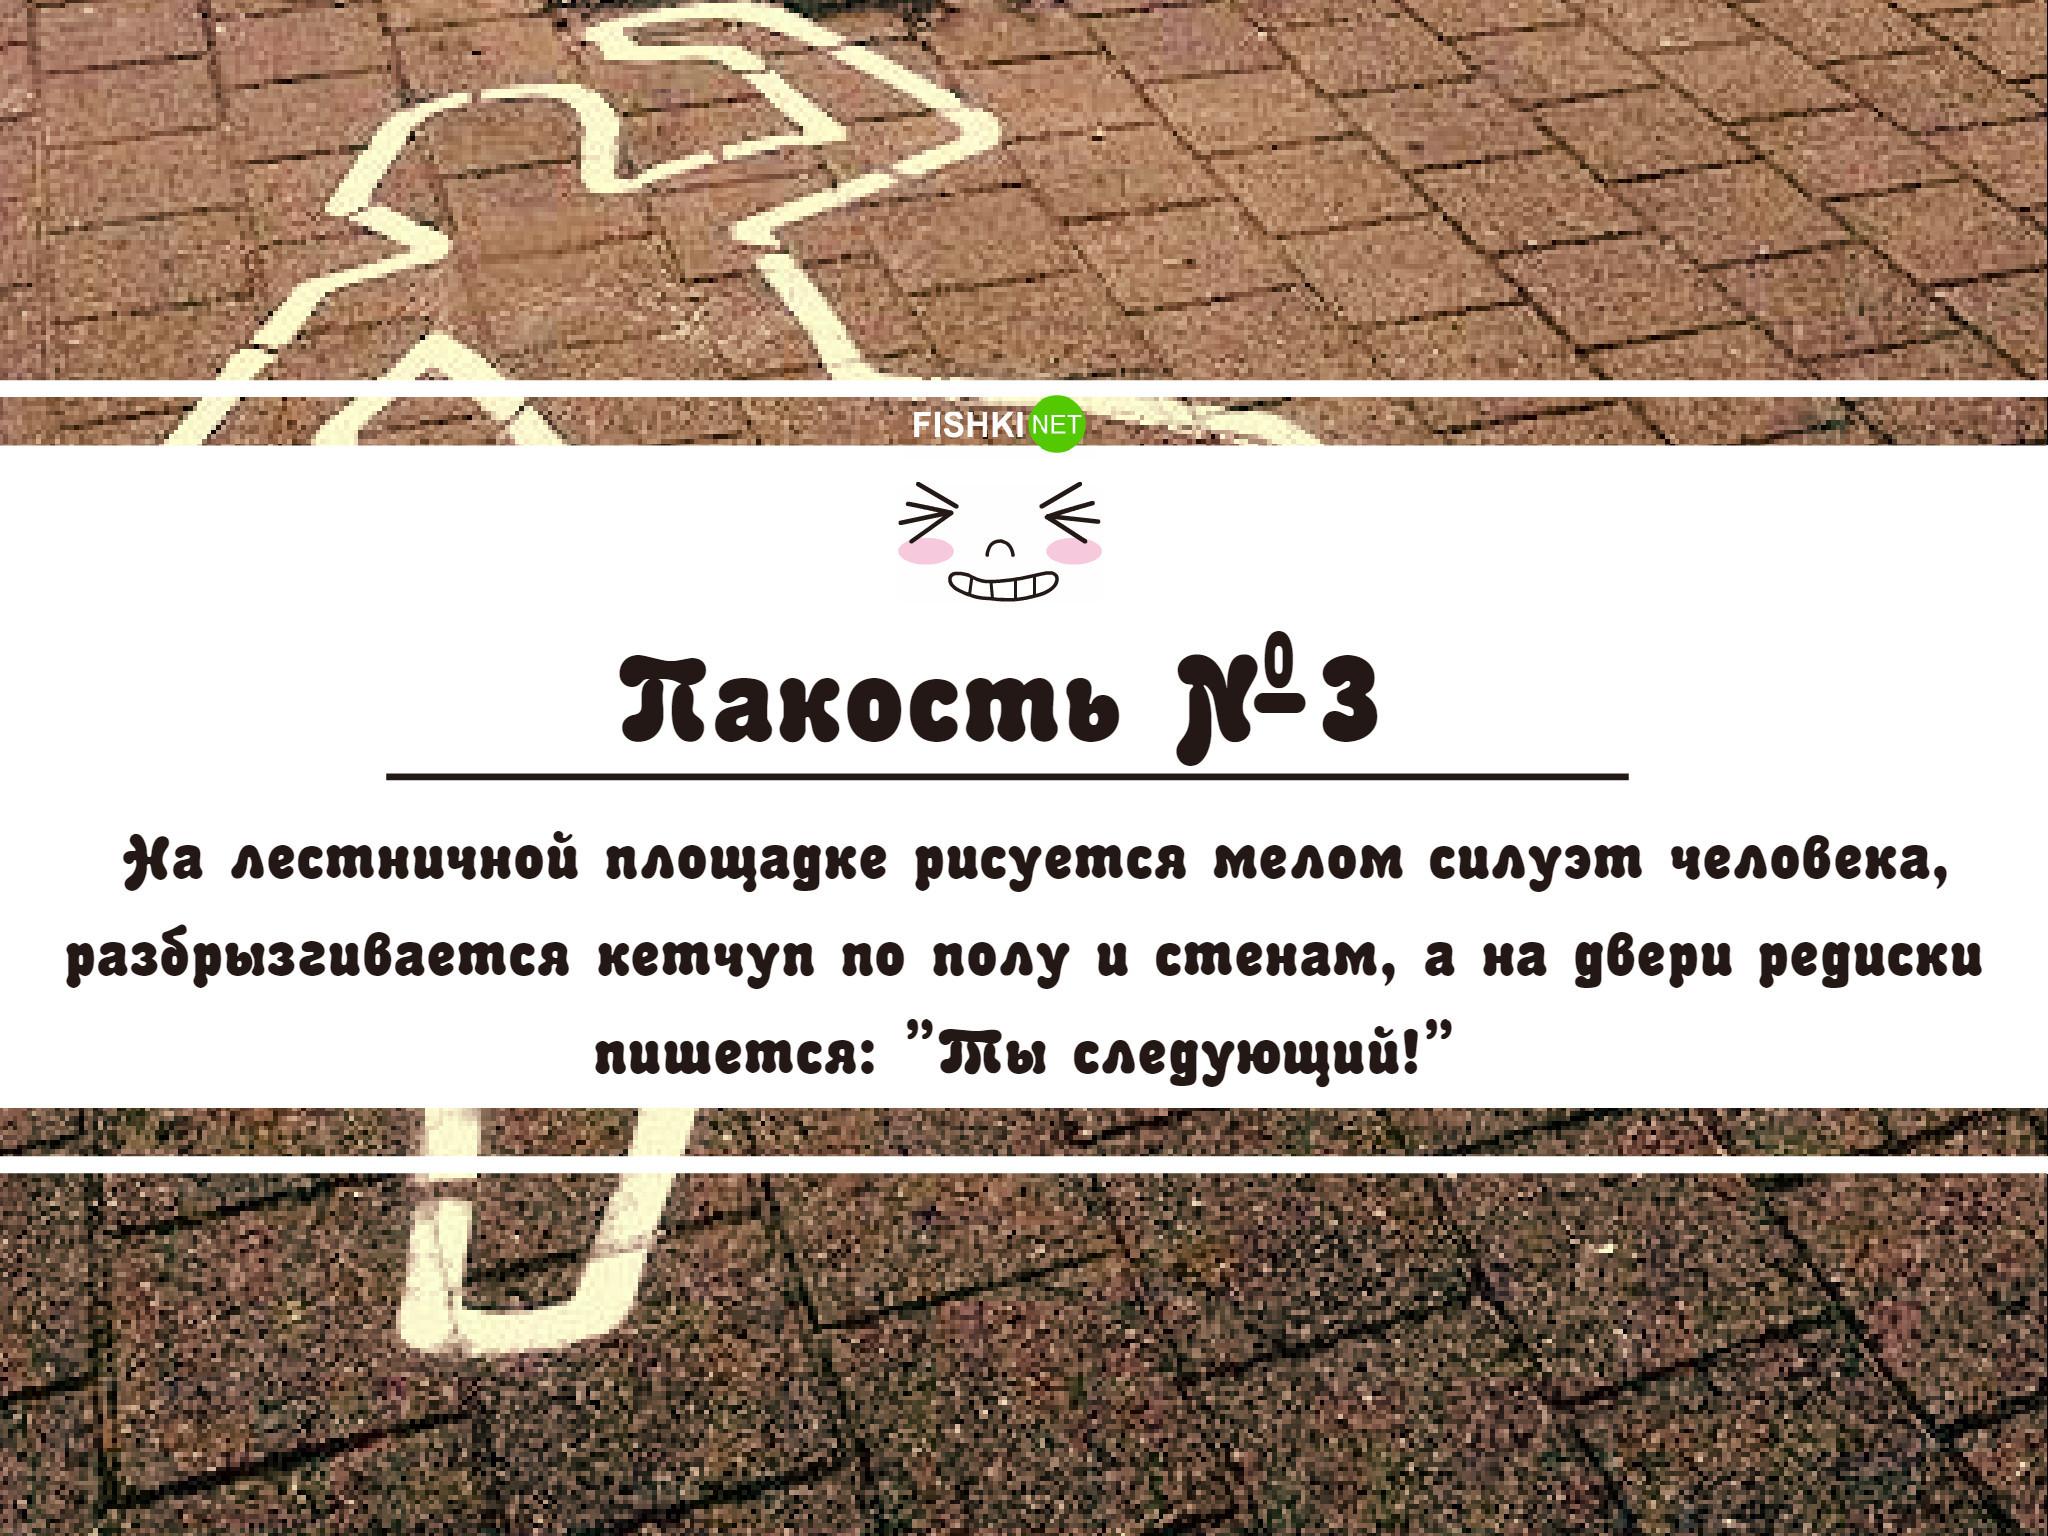 http://cdn.fishki.net/upload/post/201509/03/1650721/20_3.jpg